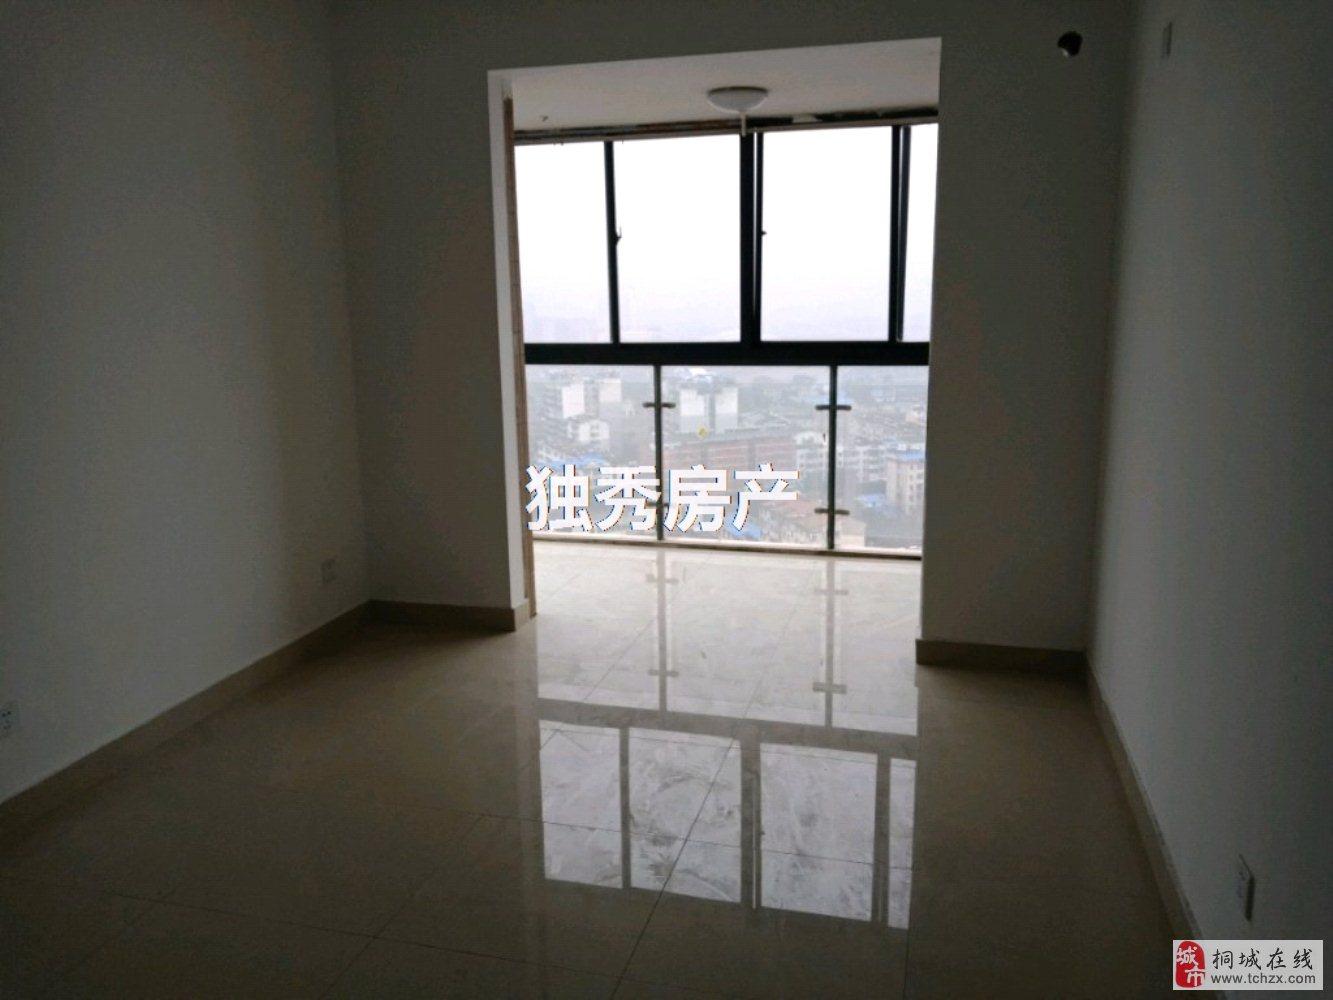 和平尚城5室3厅2卫89.8万元